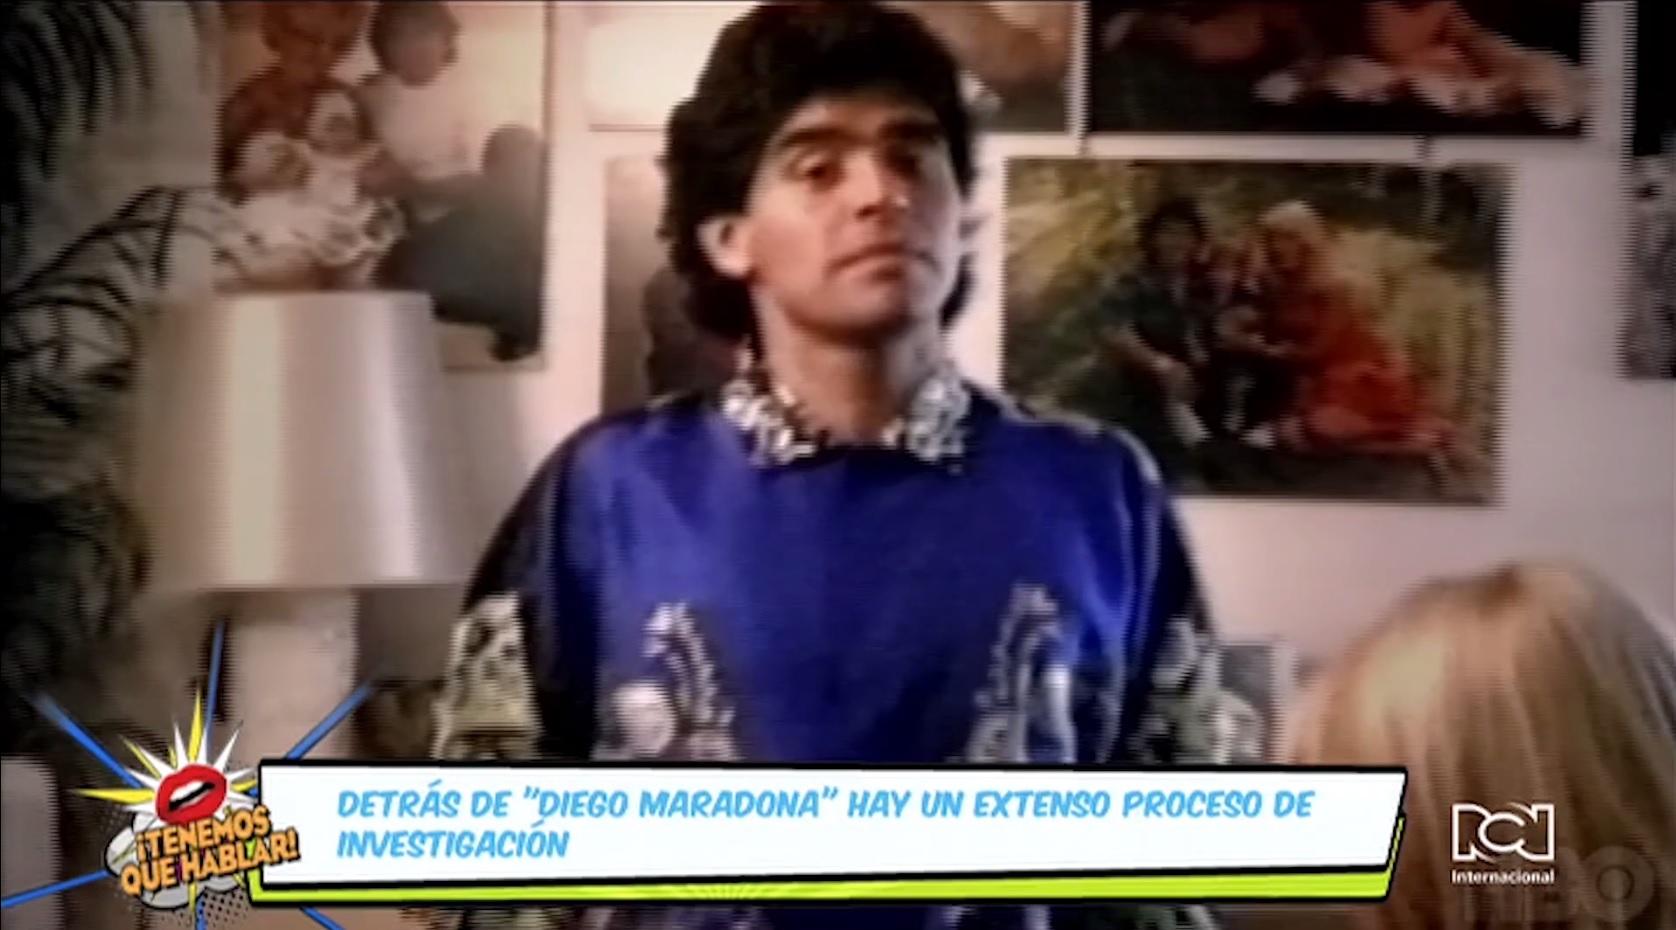 Asif Kapadia muestra las dos caras de Diego Armando Maradona en su nuevo documental